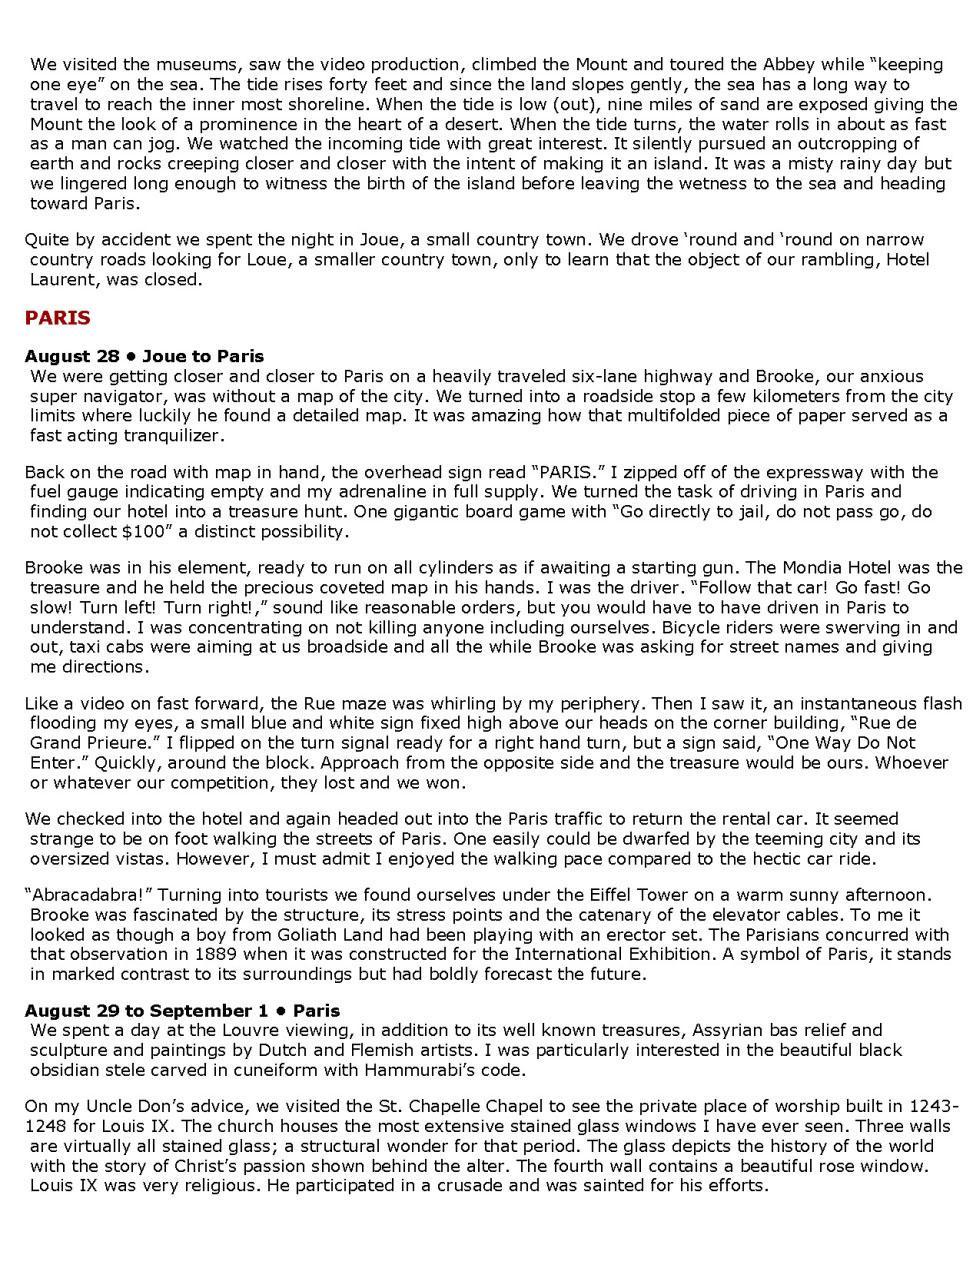 Narrative1994part2_Page_18